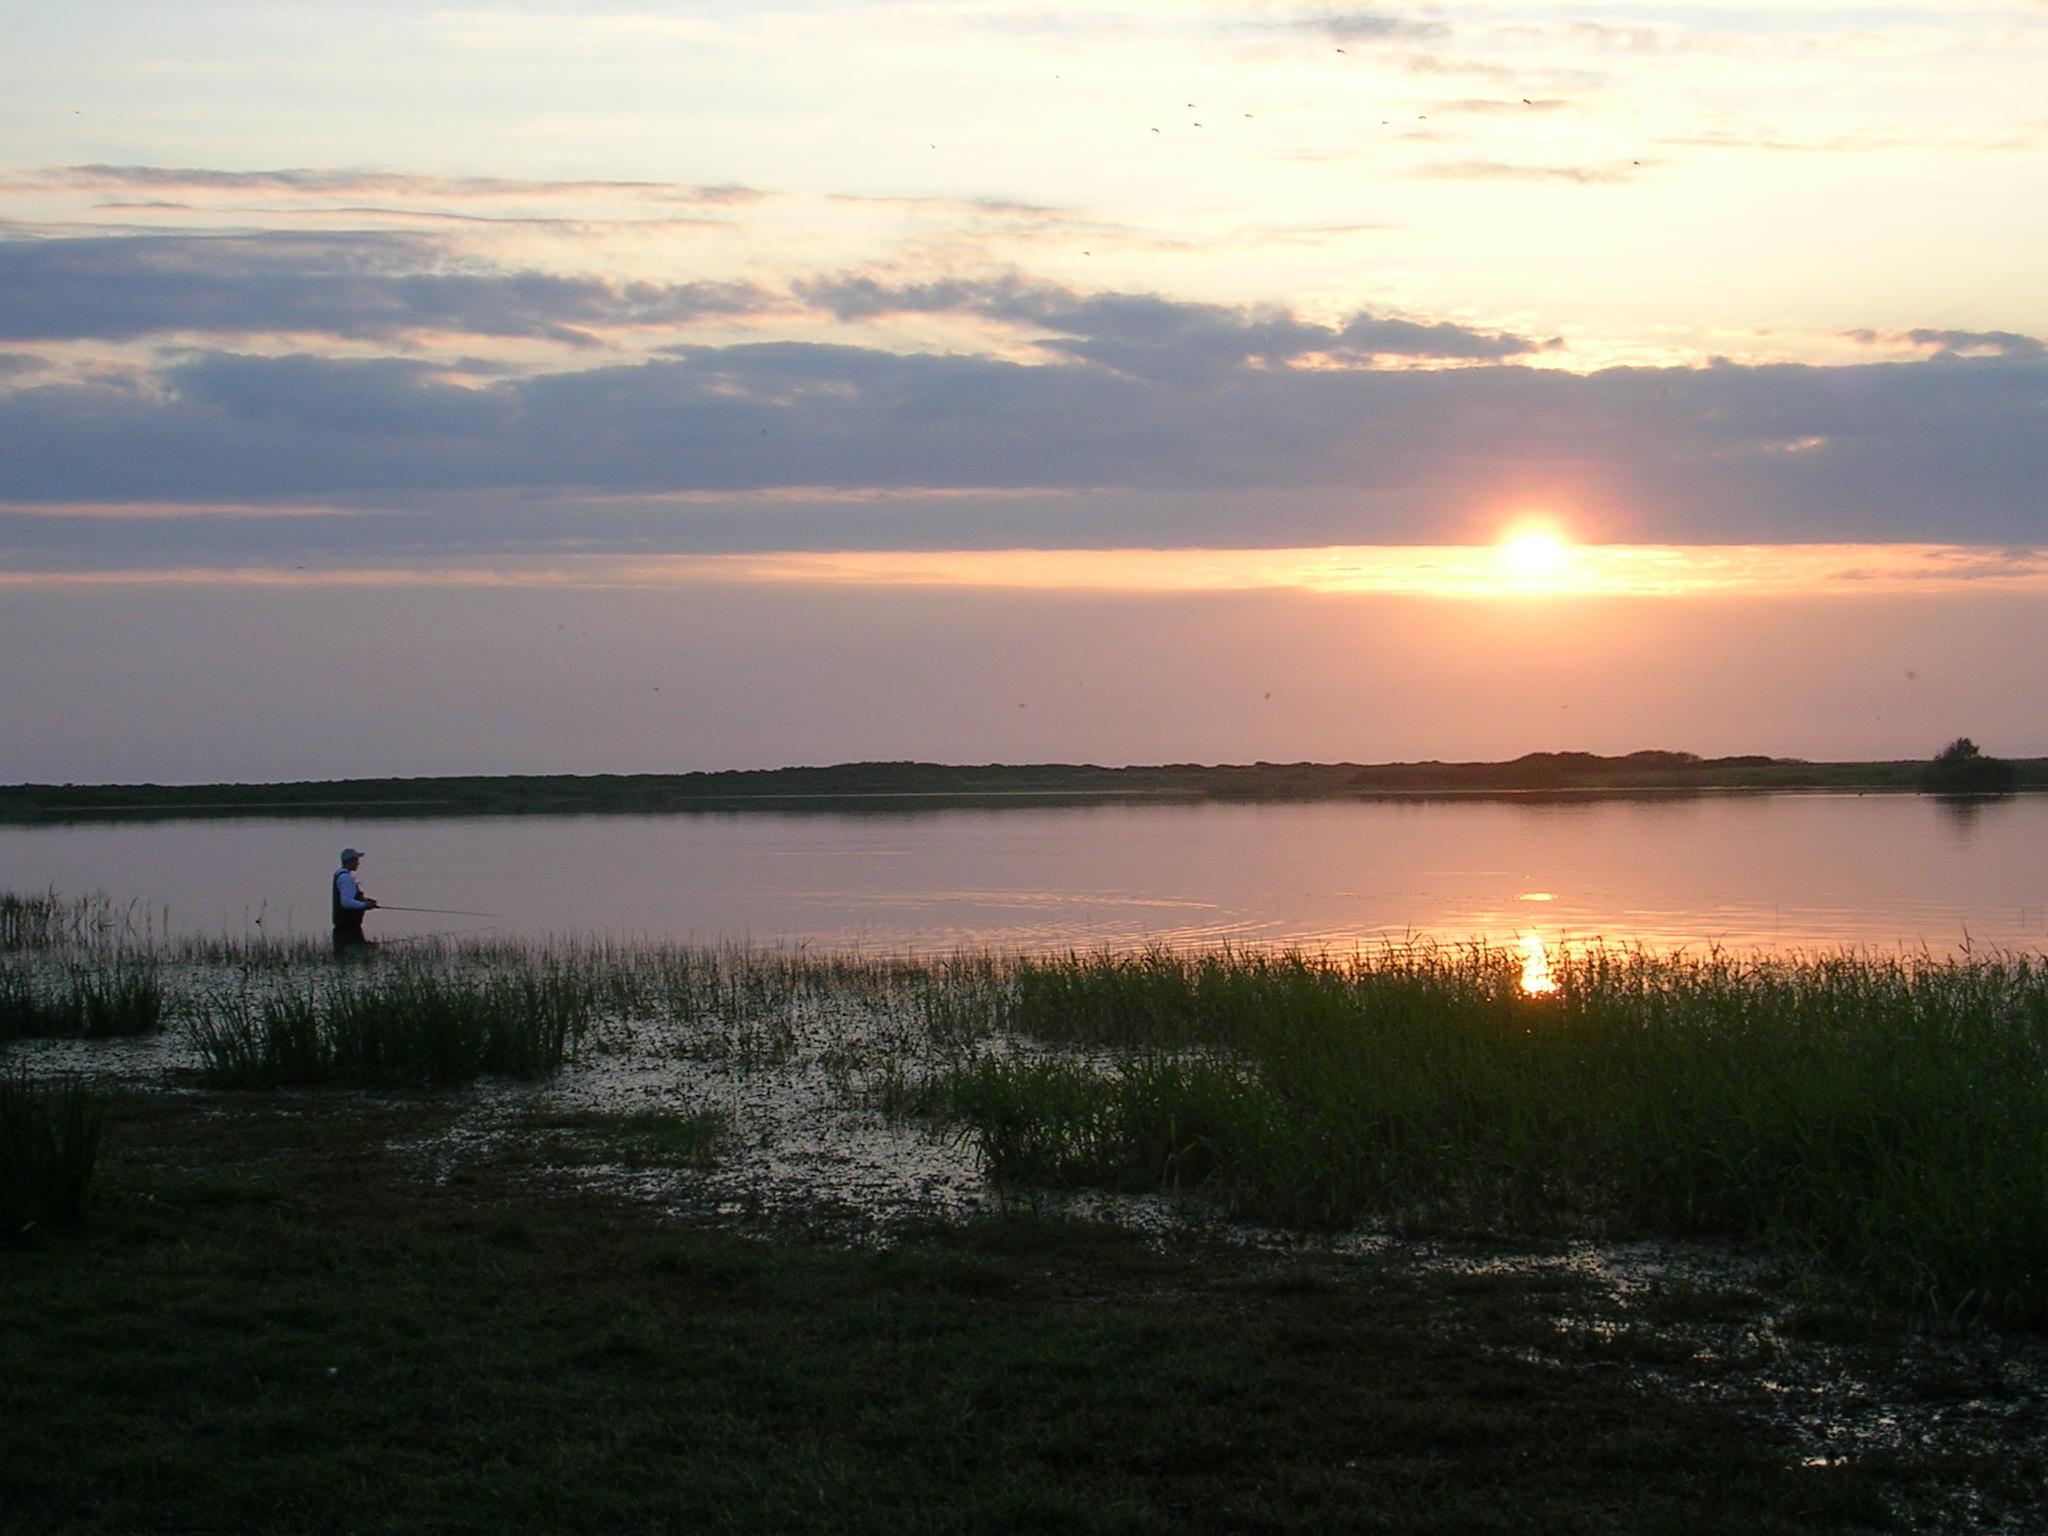 Soleil couchant sur un étang côtier